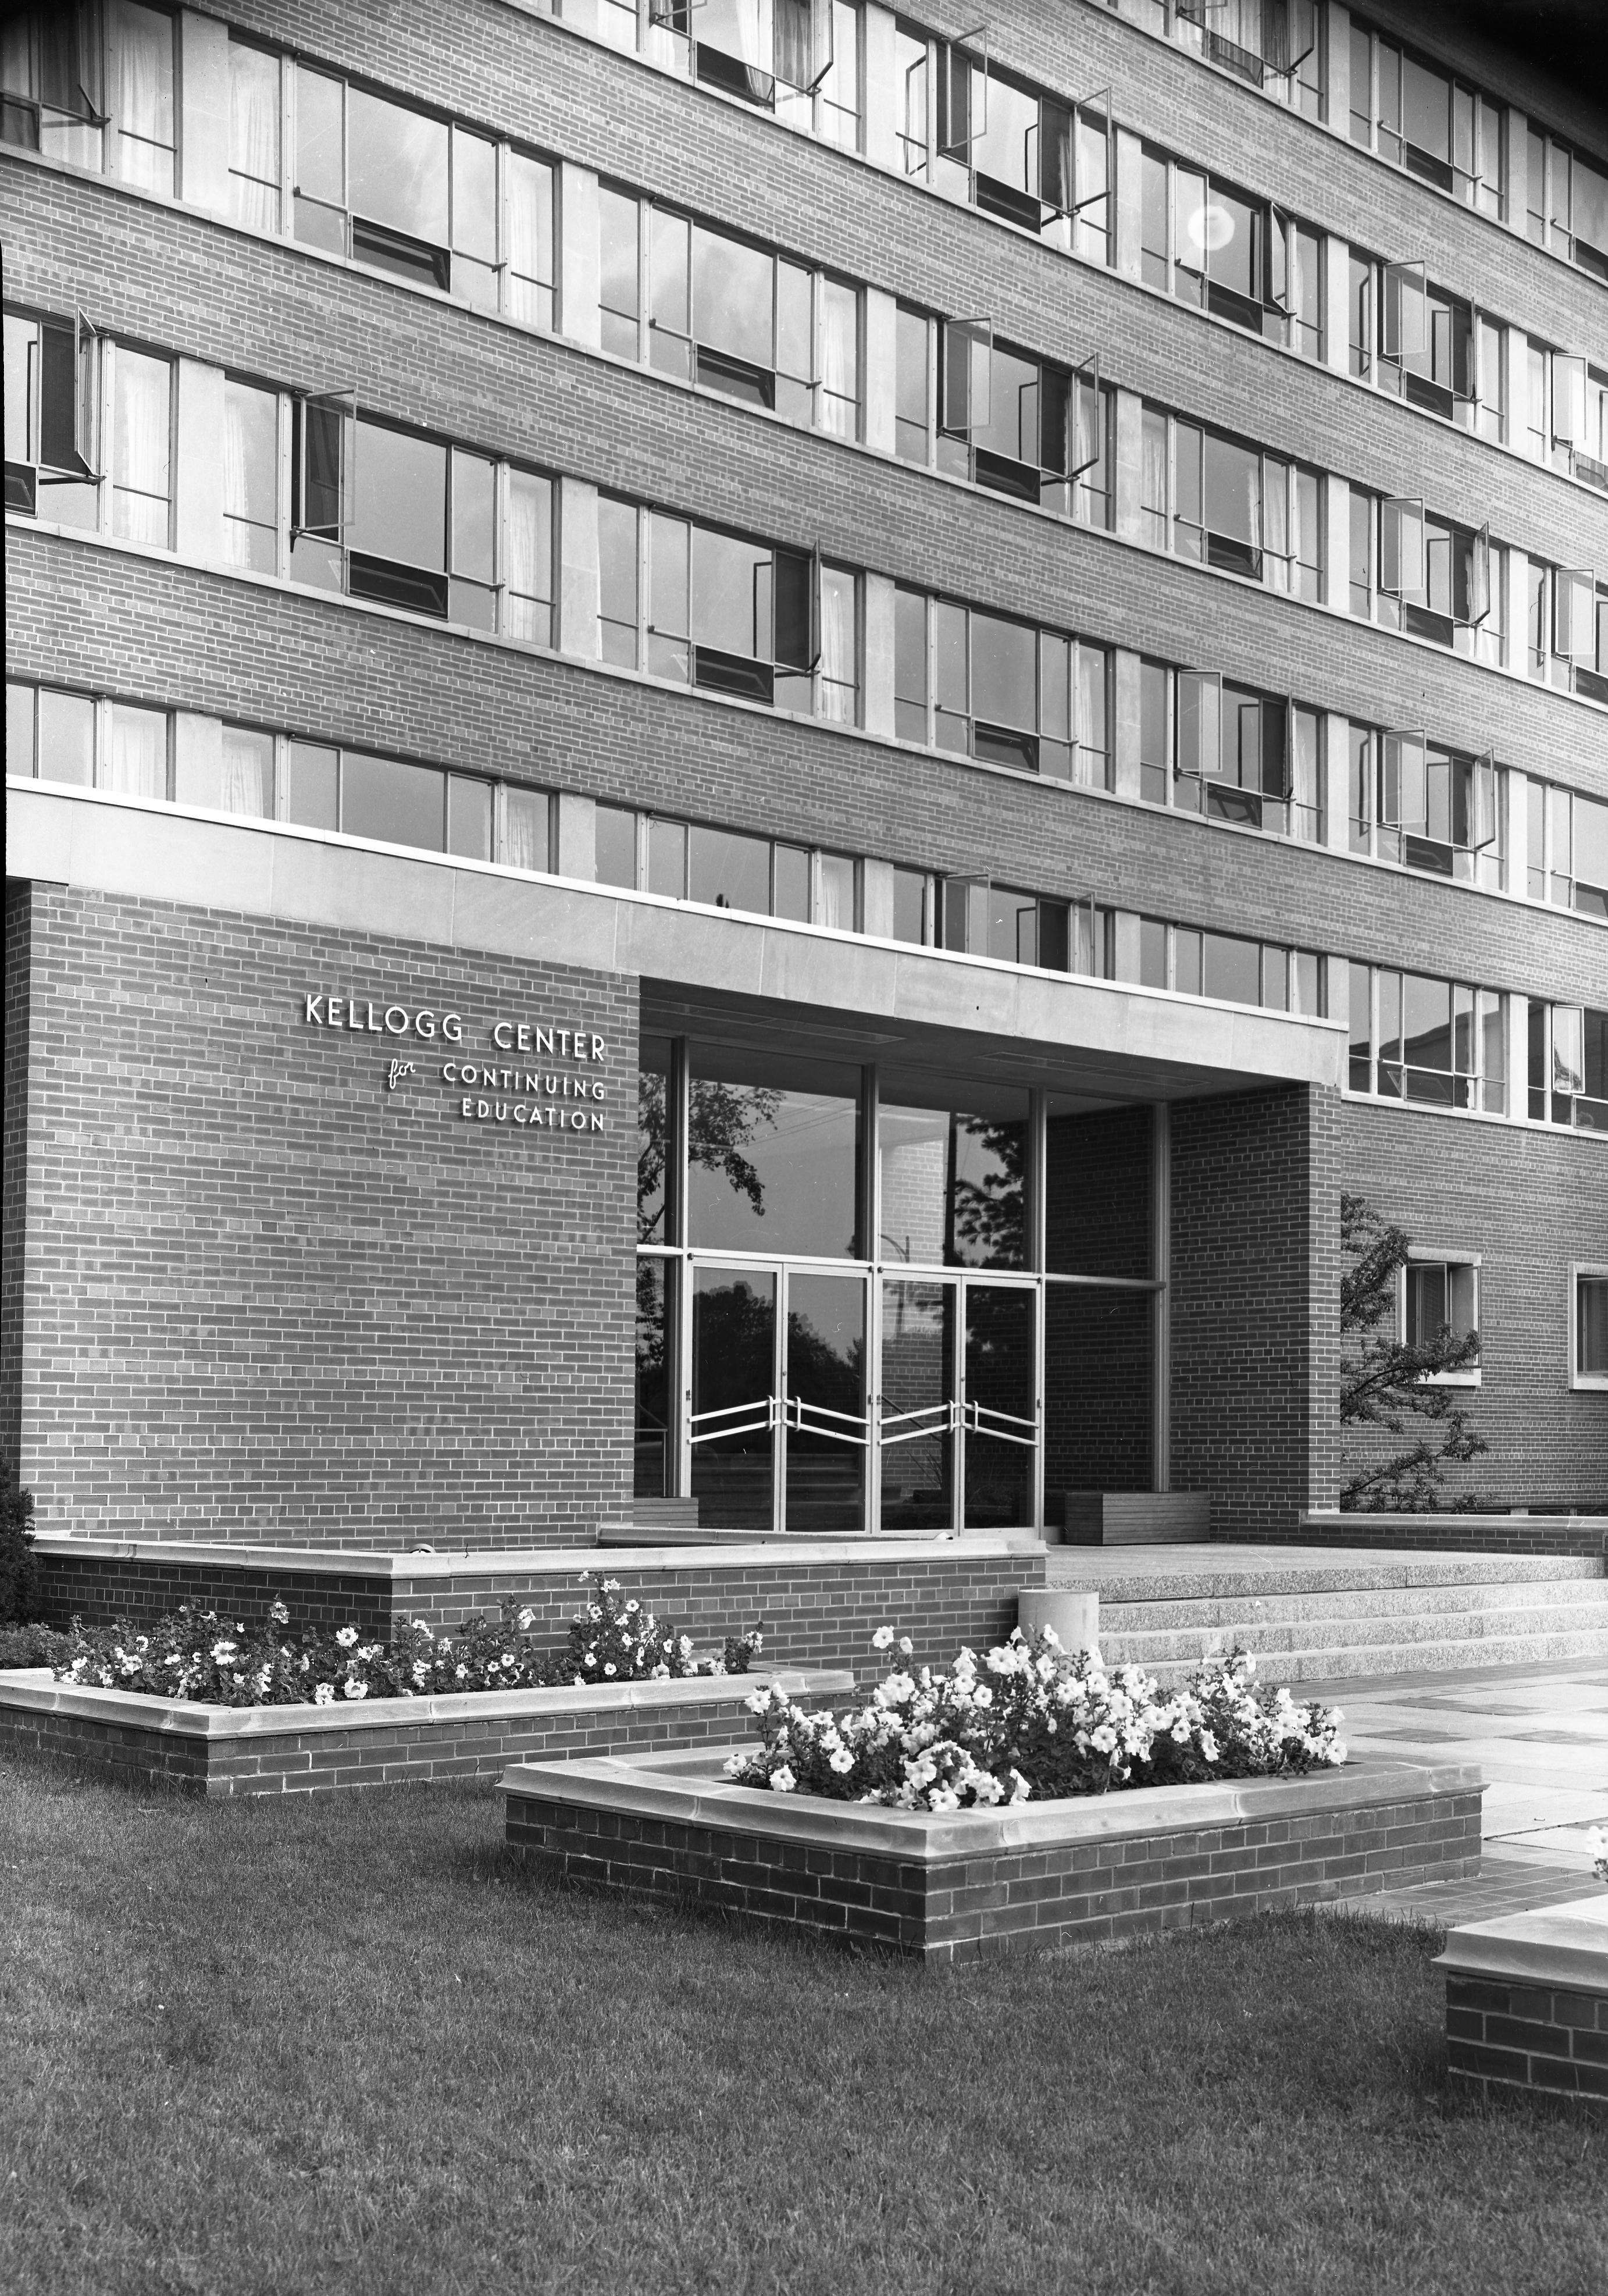 Exterior of the Kellogg Center, 1952